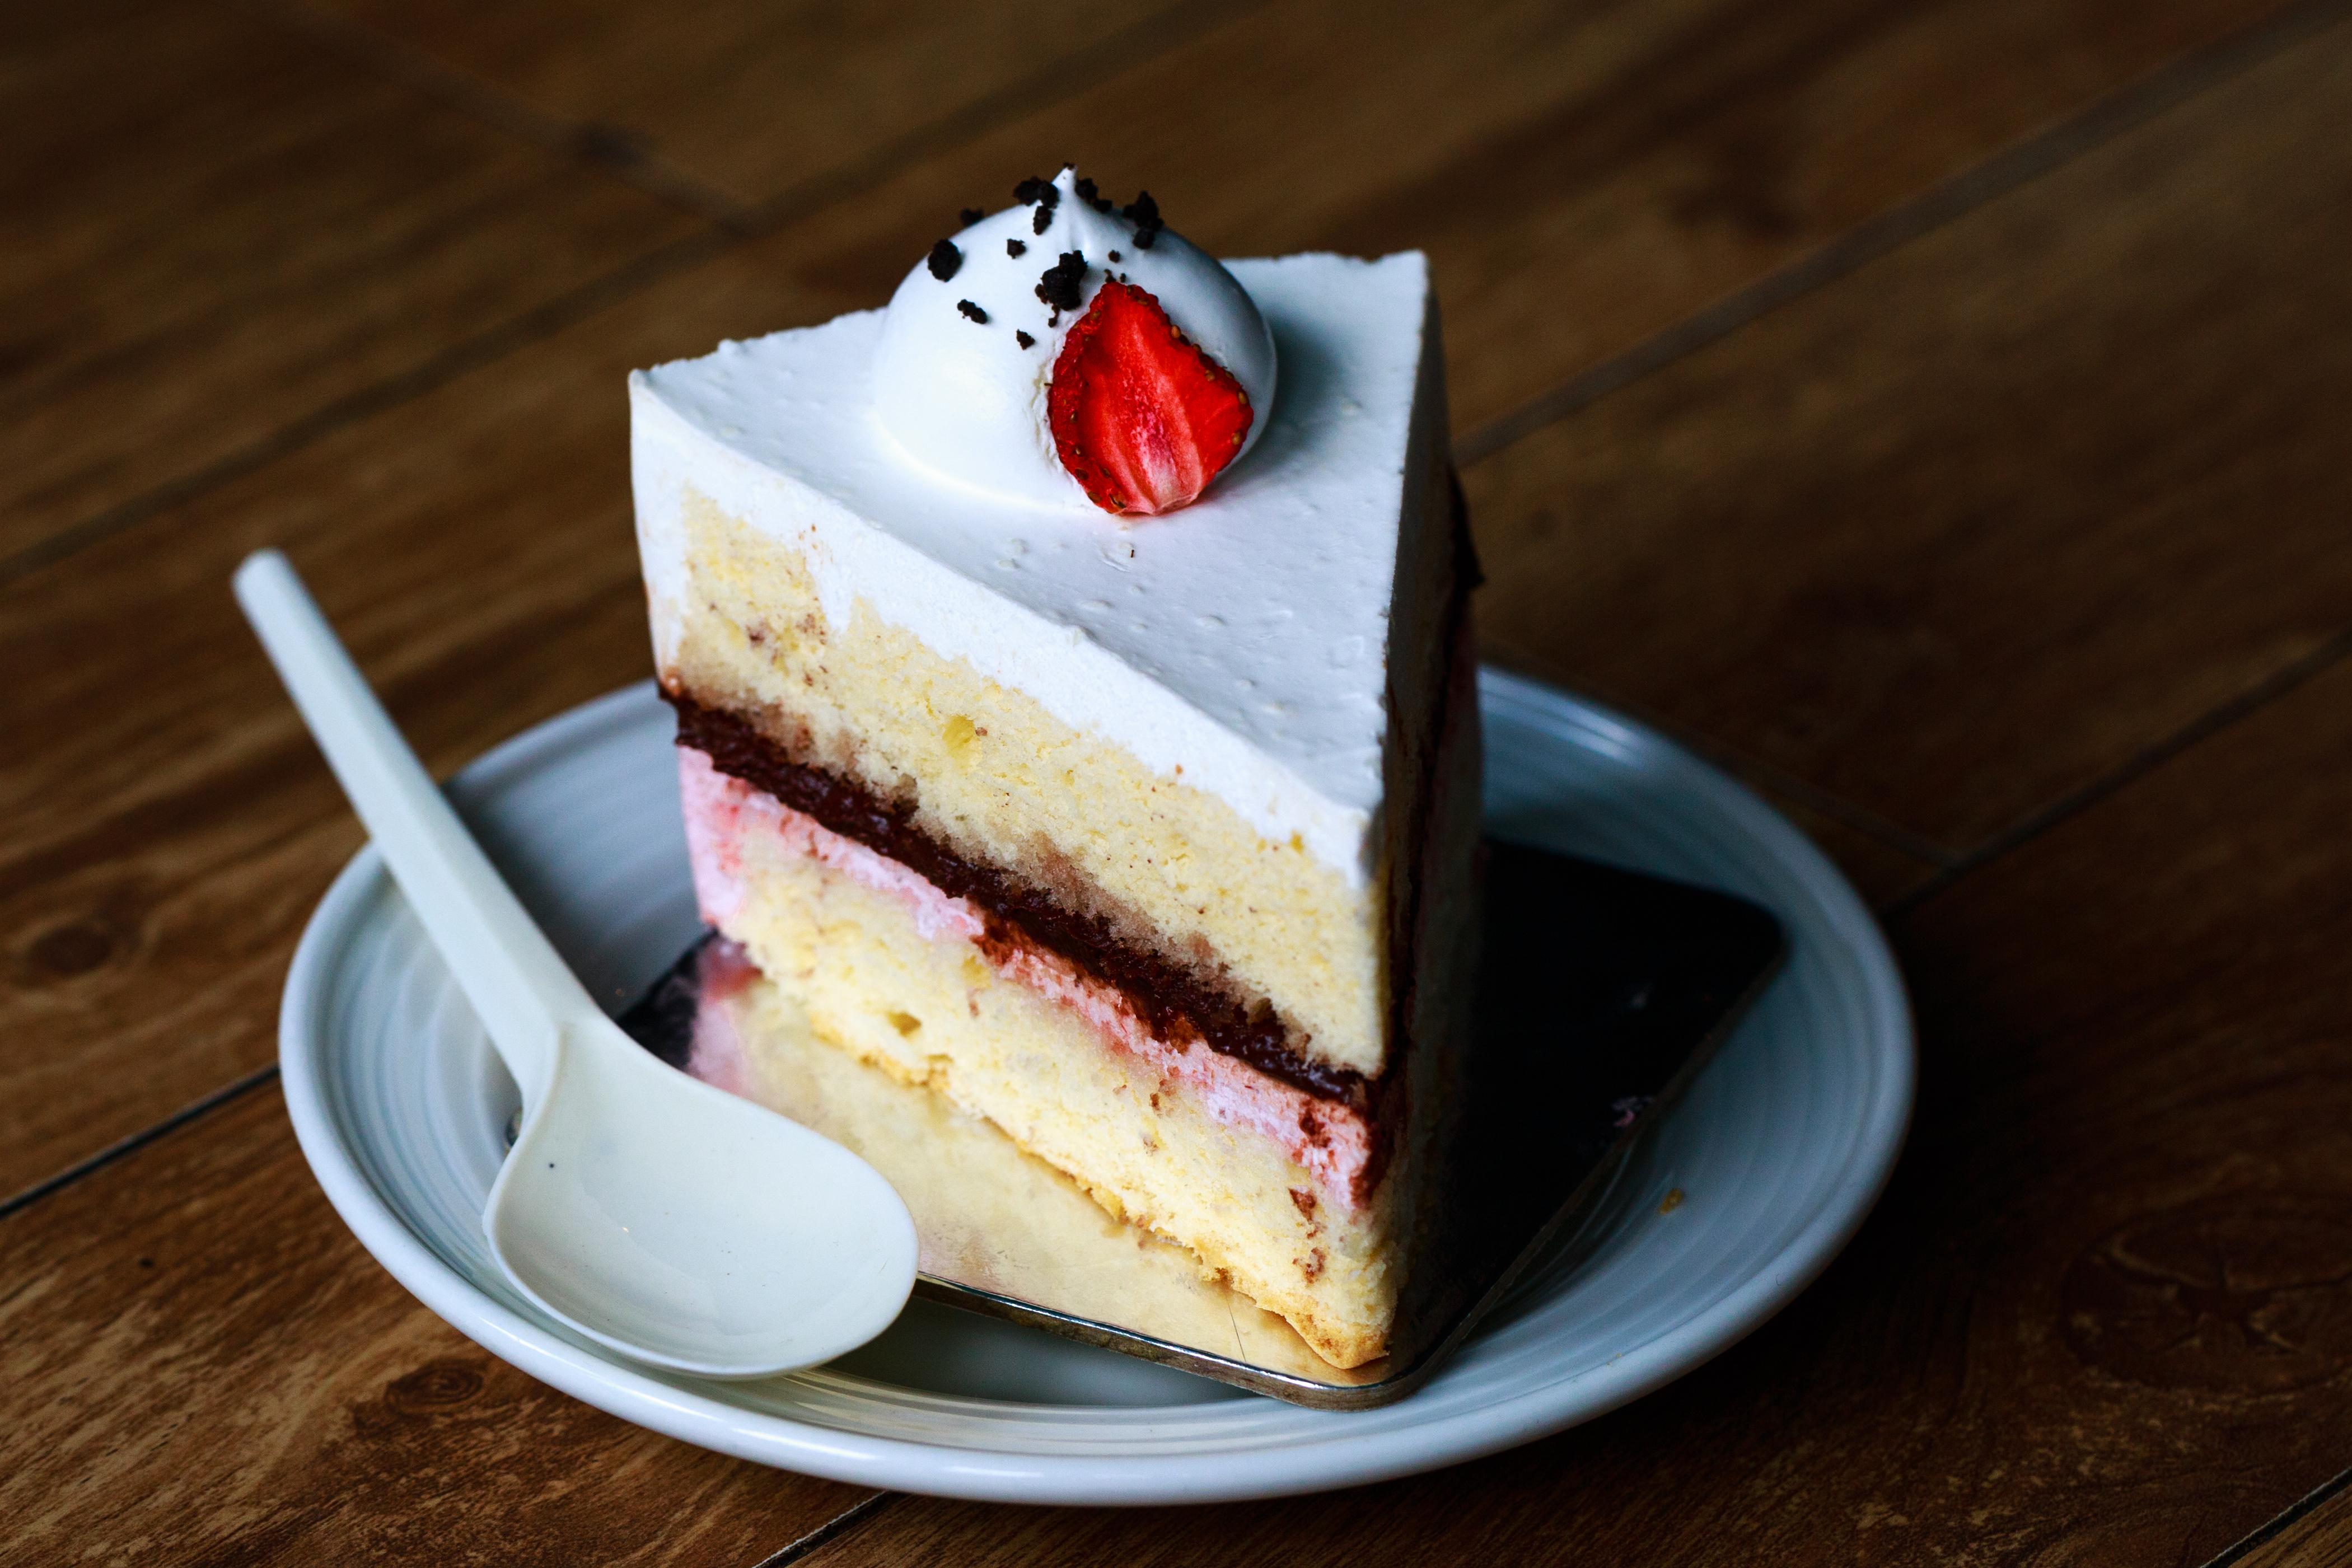 Sliced Cake on White Saucer